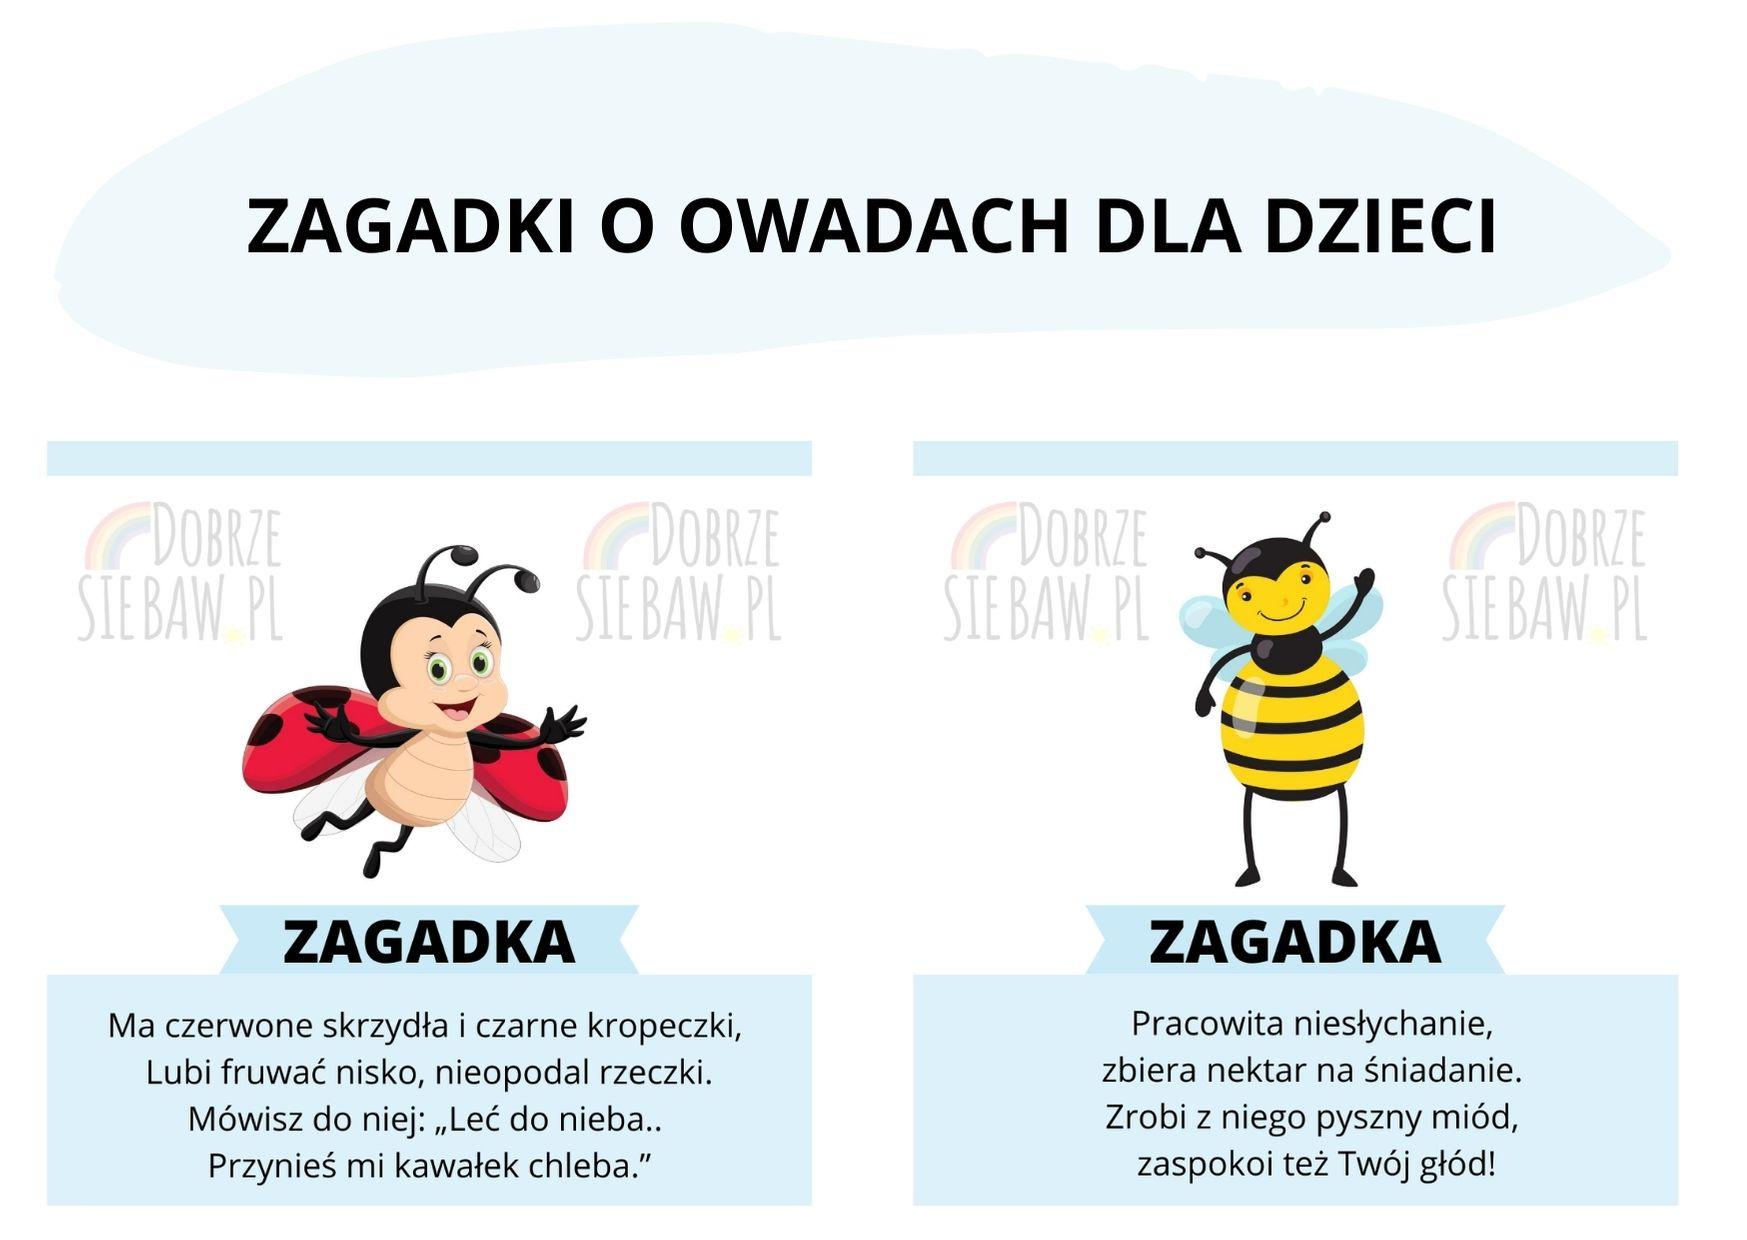 zagadki o owadach dla dzieci